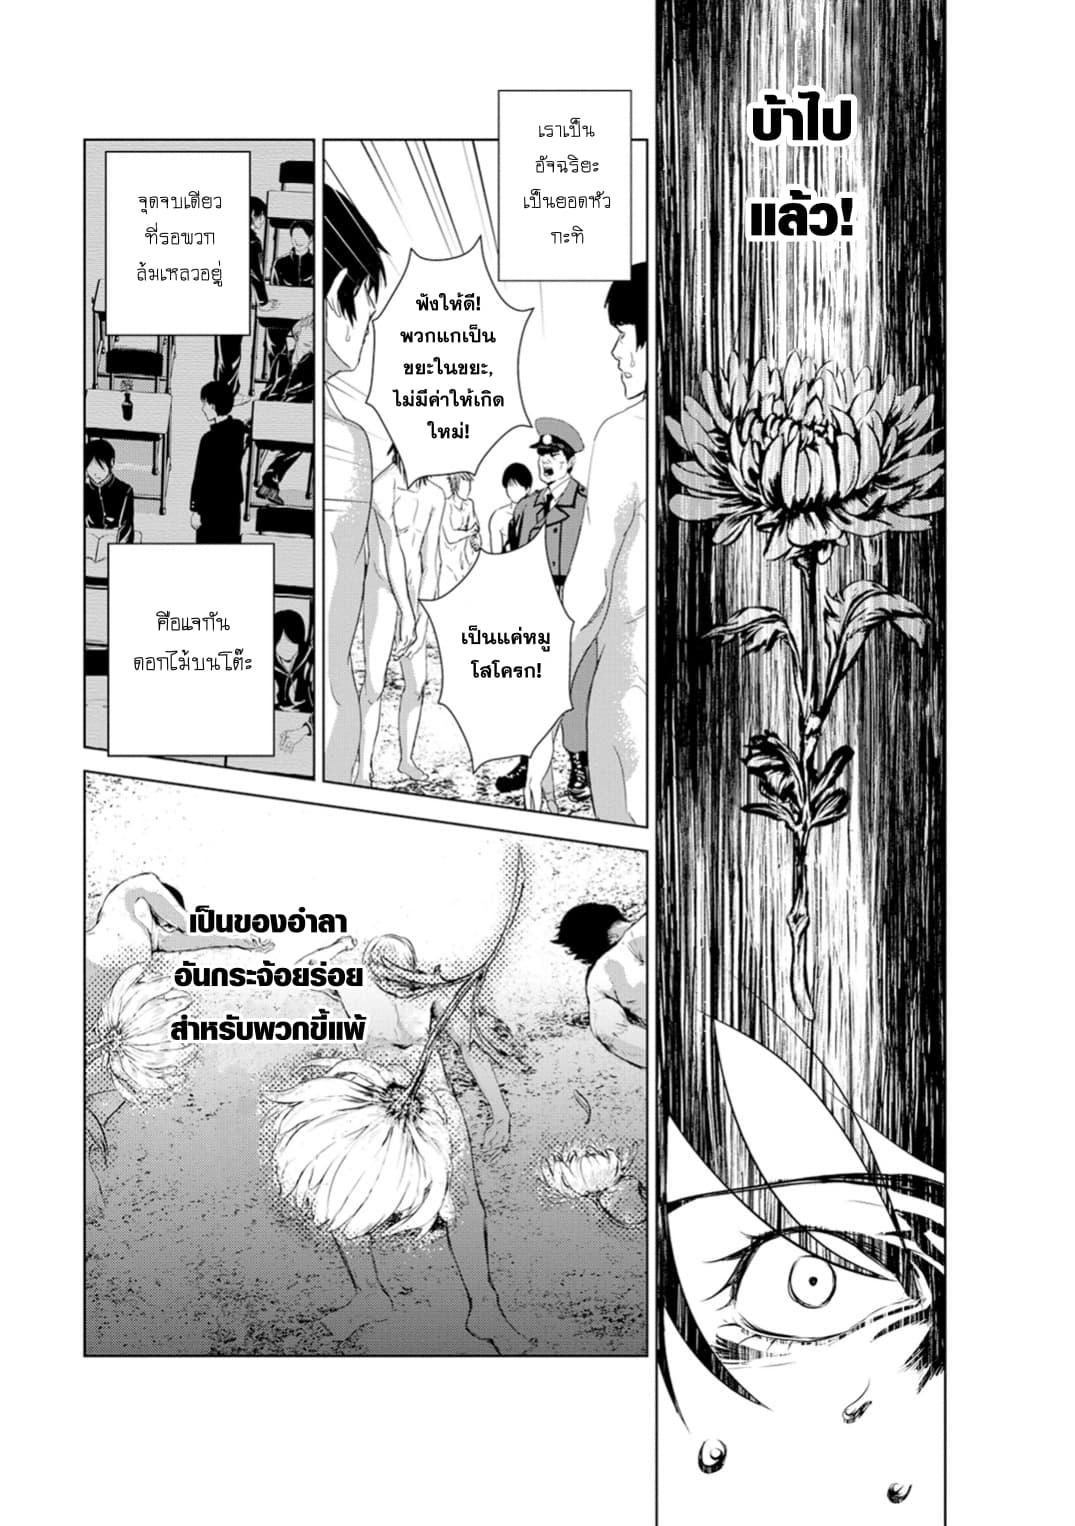 อ่านการ์ตูน Unemployed Concentration Camp ตอนที่ 2 หน้าที่ 26